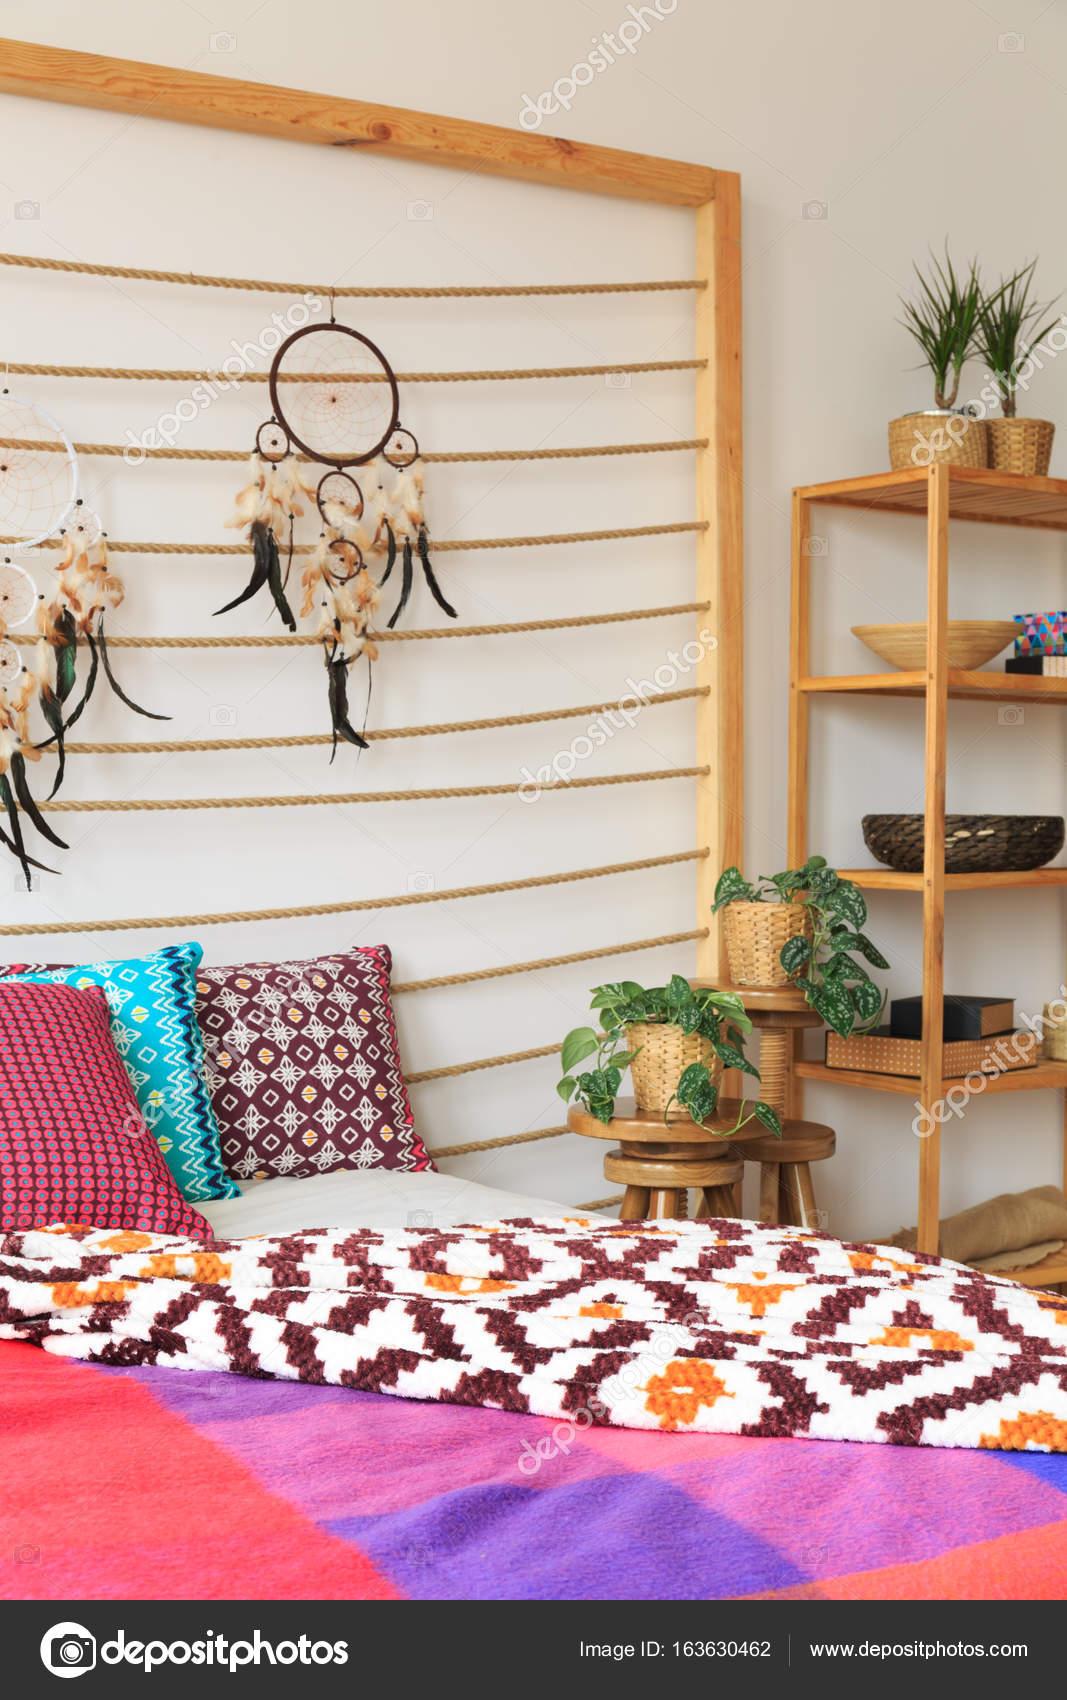 Decoracin del dormitorio en estilo tnico Fotos de Stock